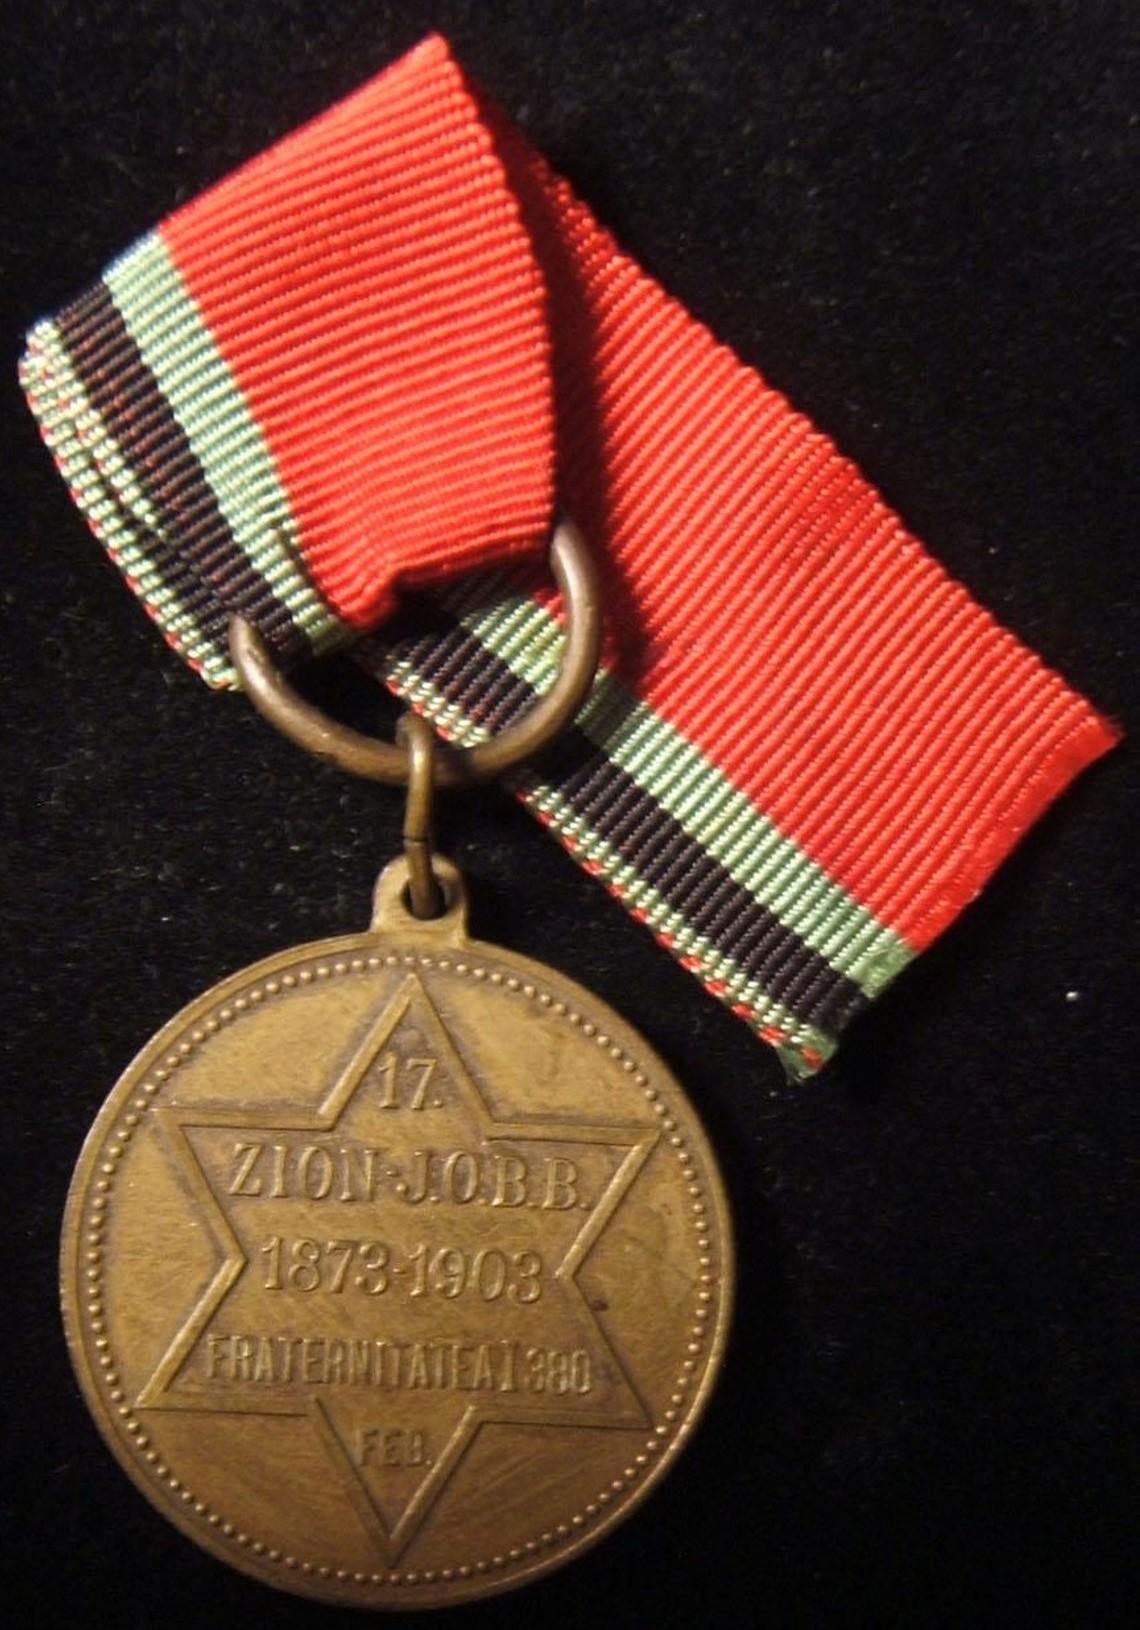 روماني زيون جوب اليهودي؟ الأخوة يهودية ميدالية مع نجمة داود ، 1903